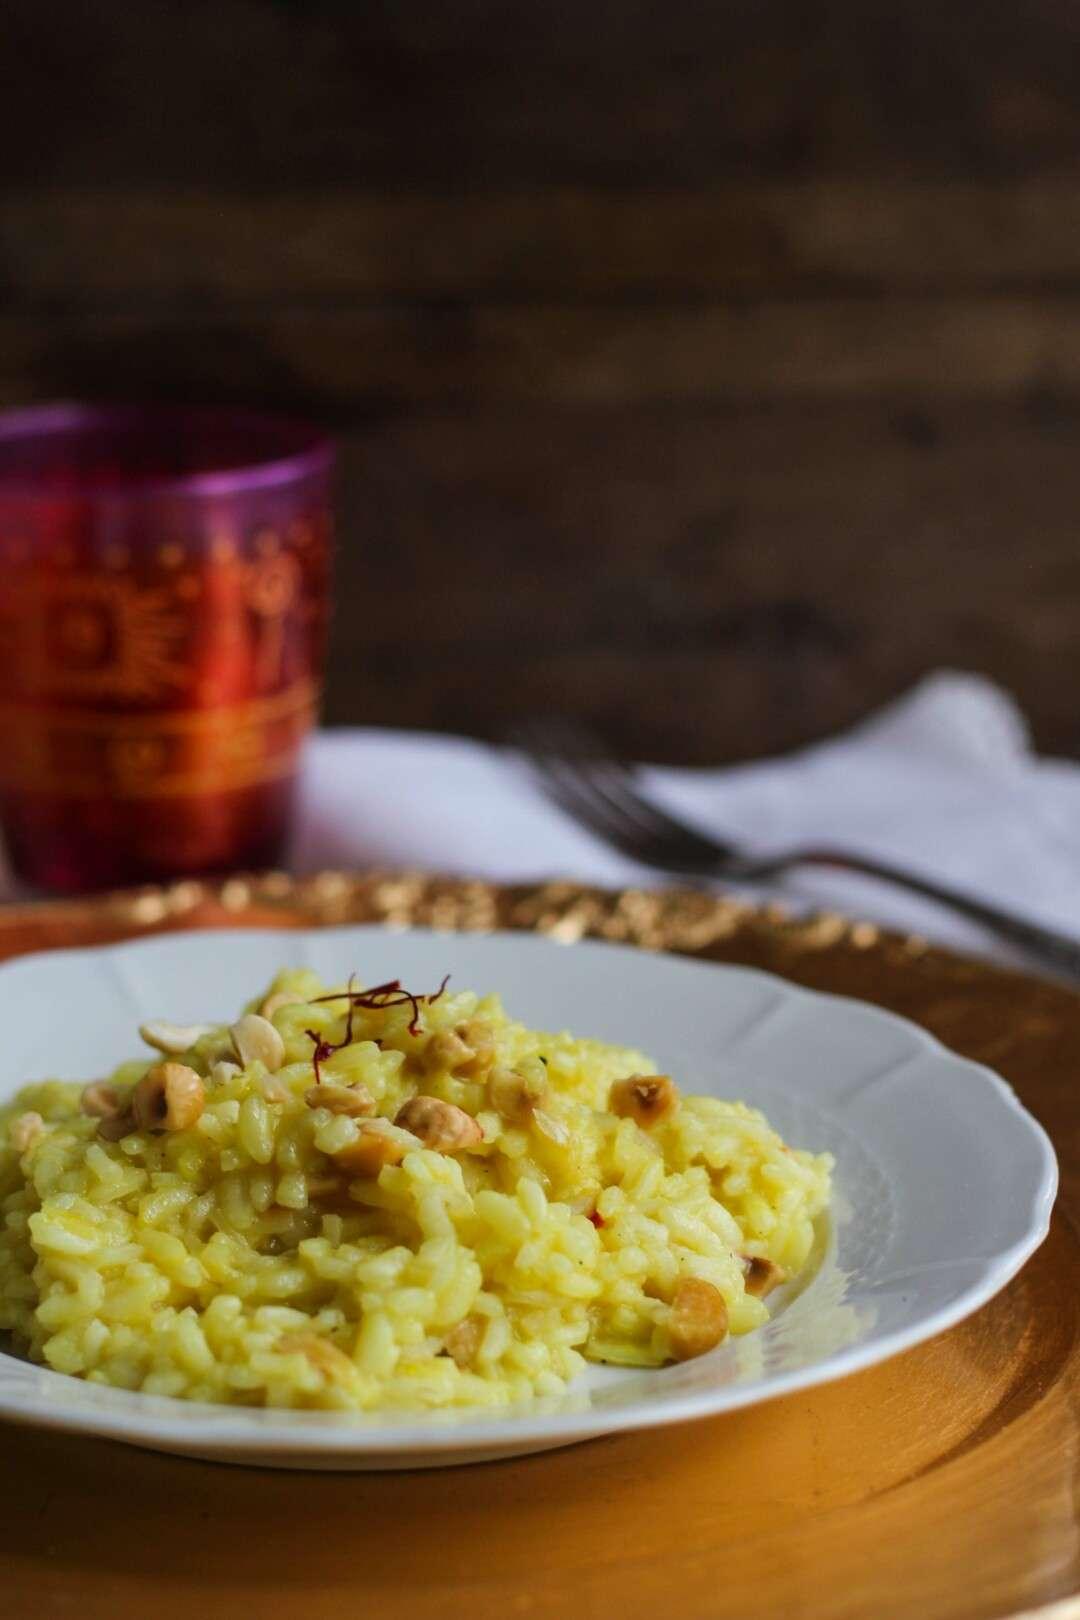 La ricetta del risotto con zafferano e nocciole